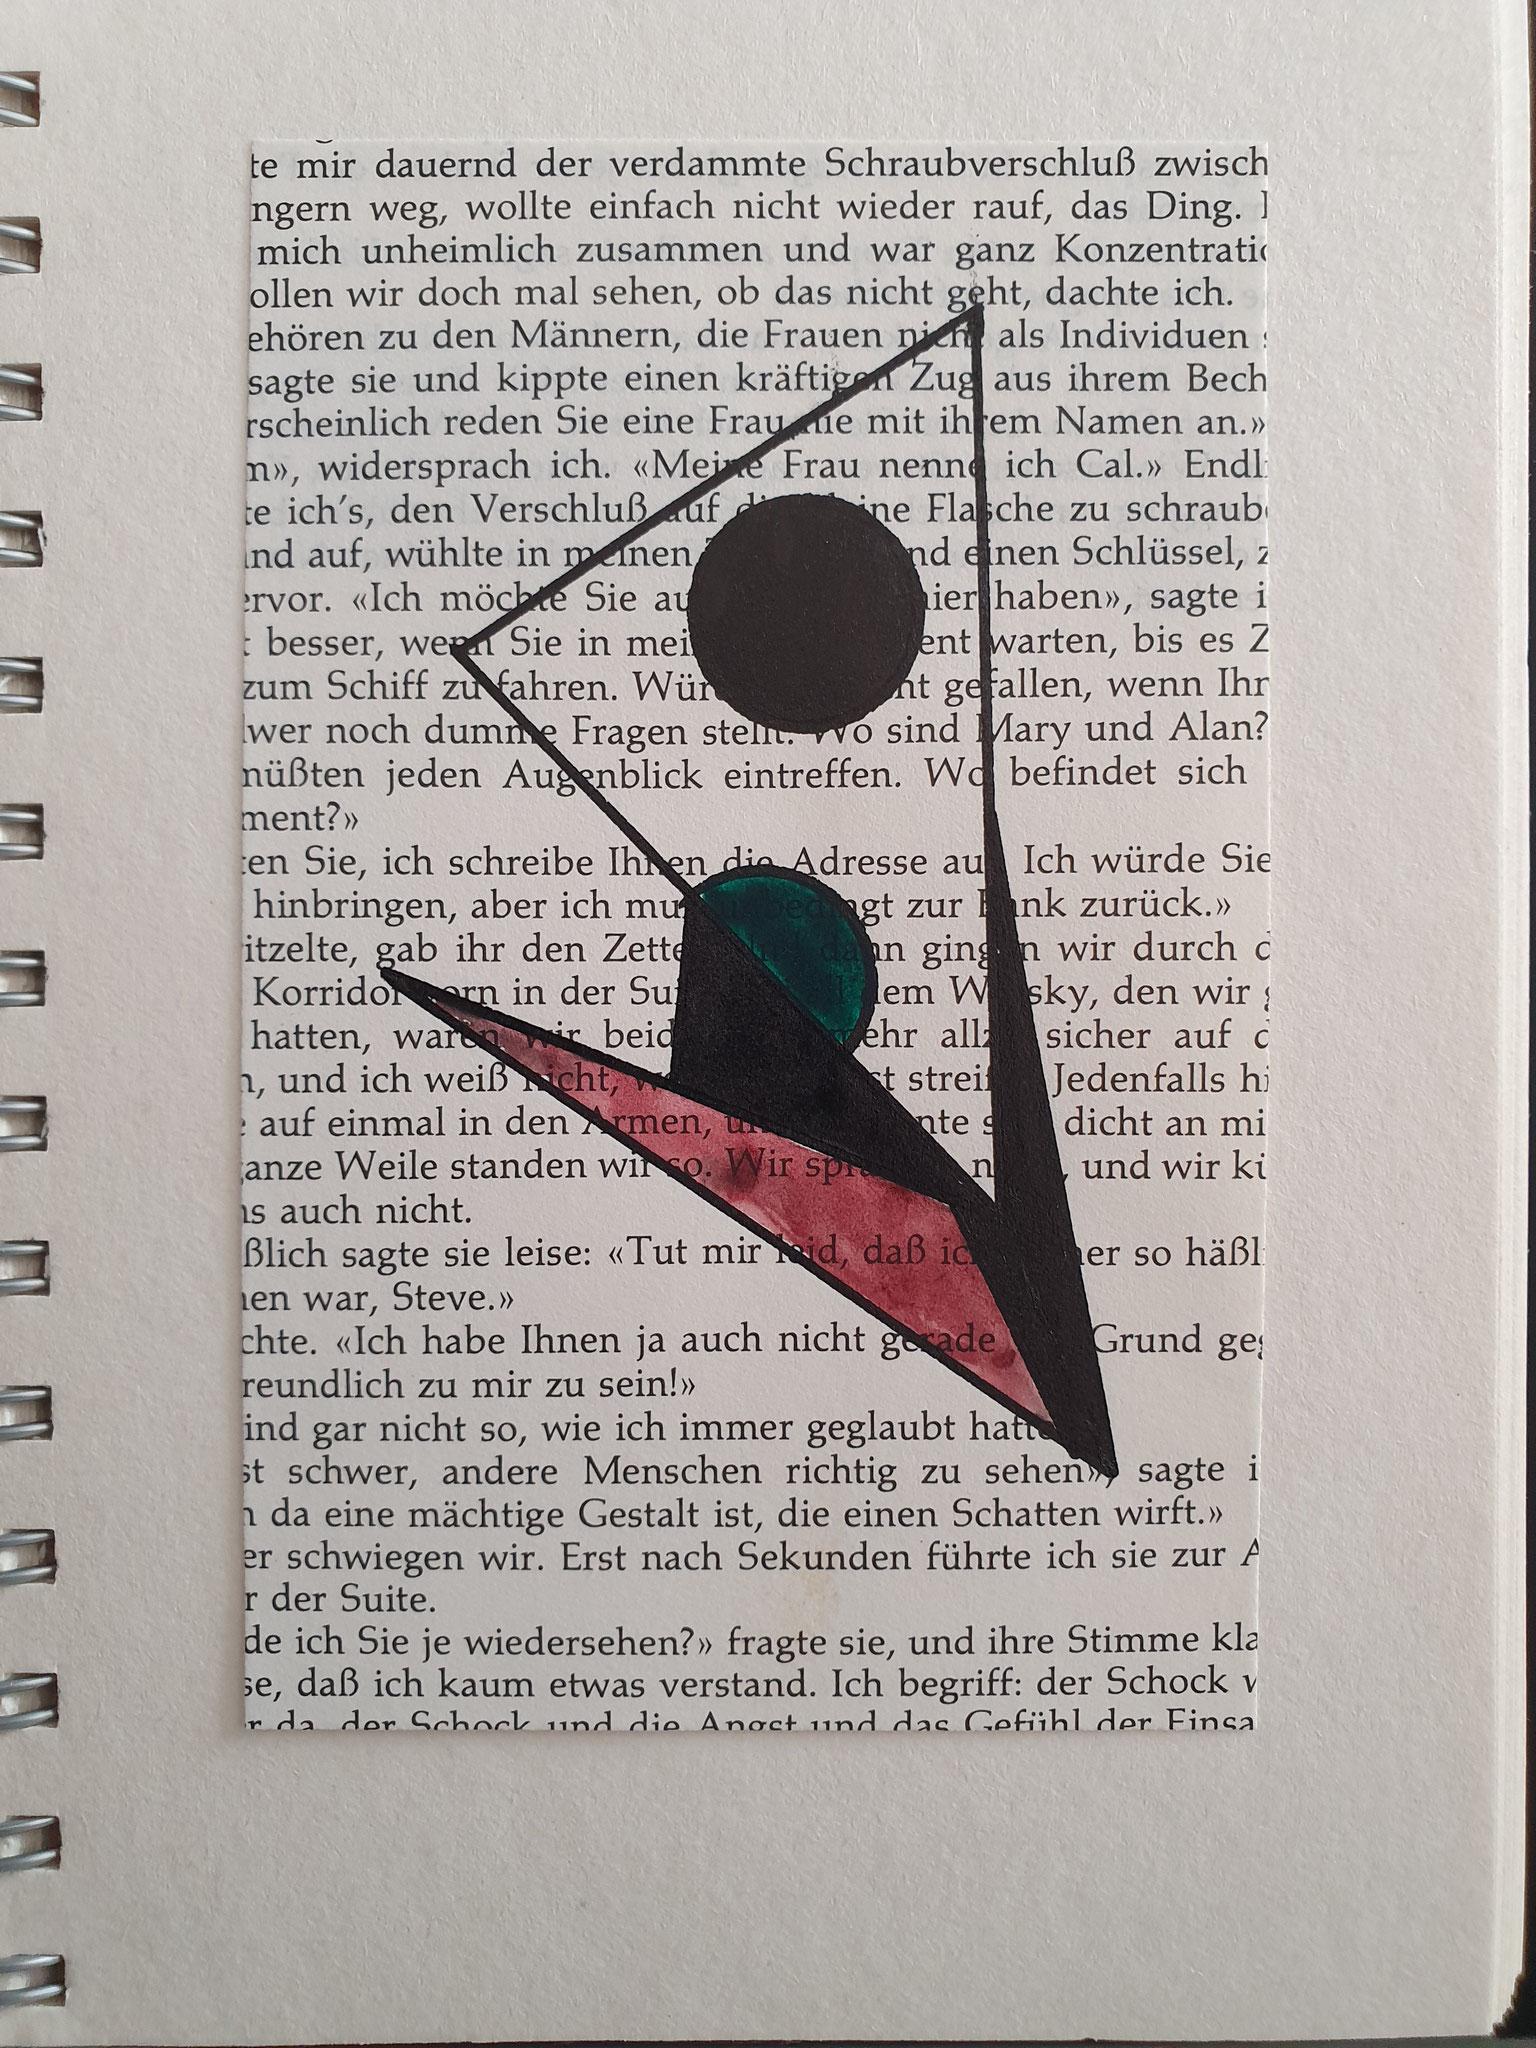 Corona Tagebuch 16.04.2020